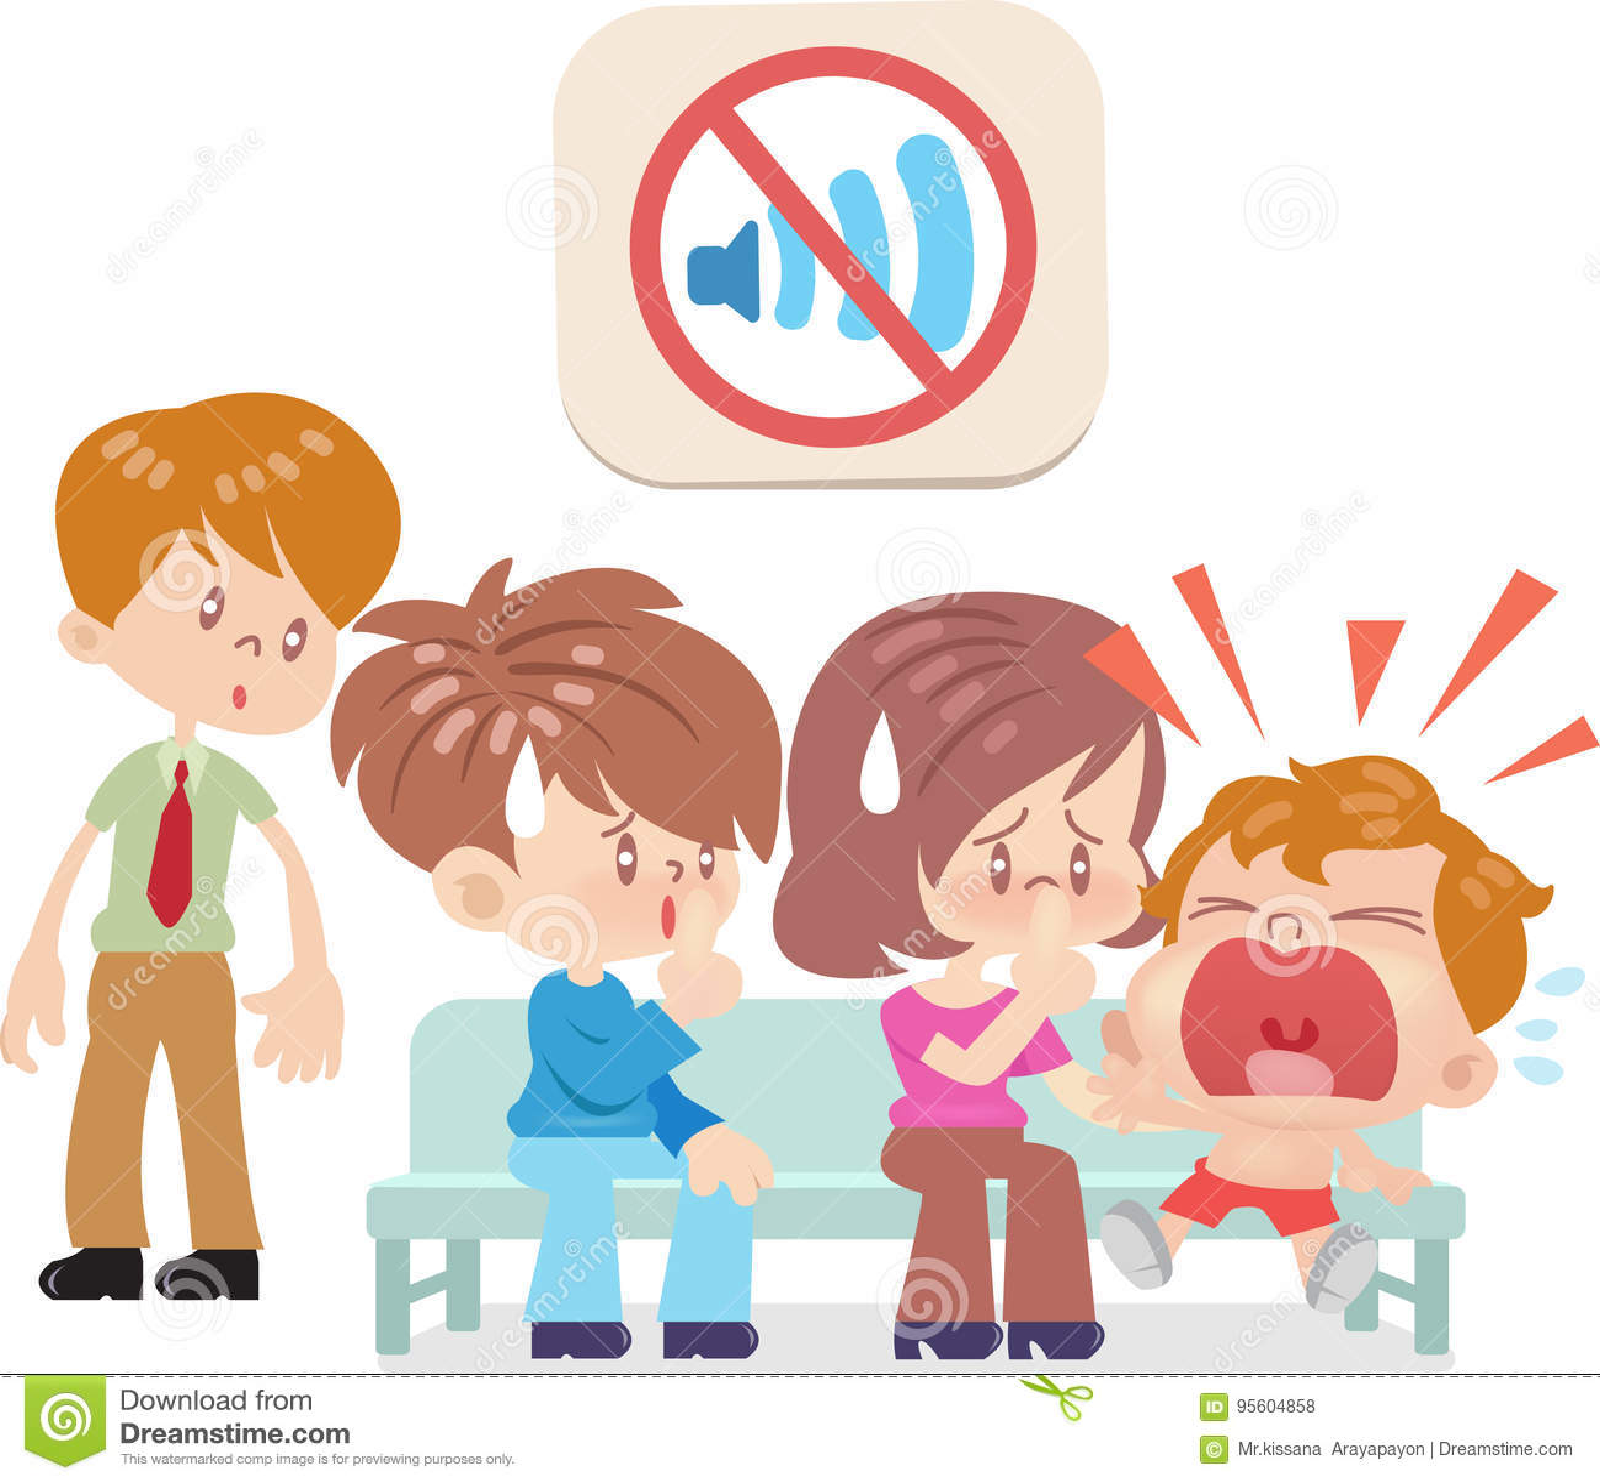 do not make loud noises stock vector illustration of make 95604858